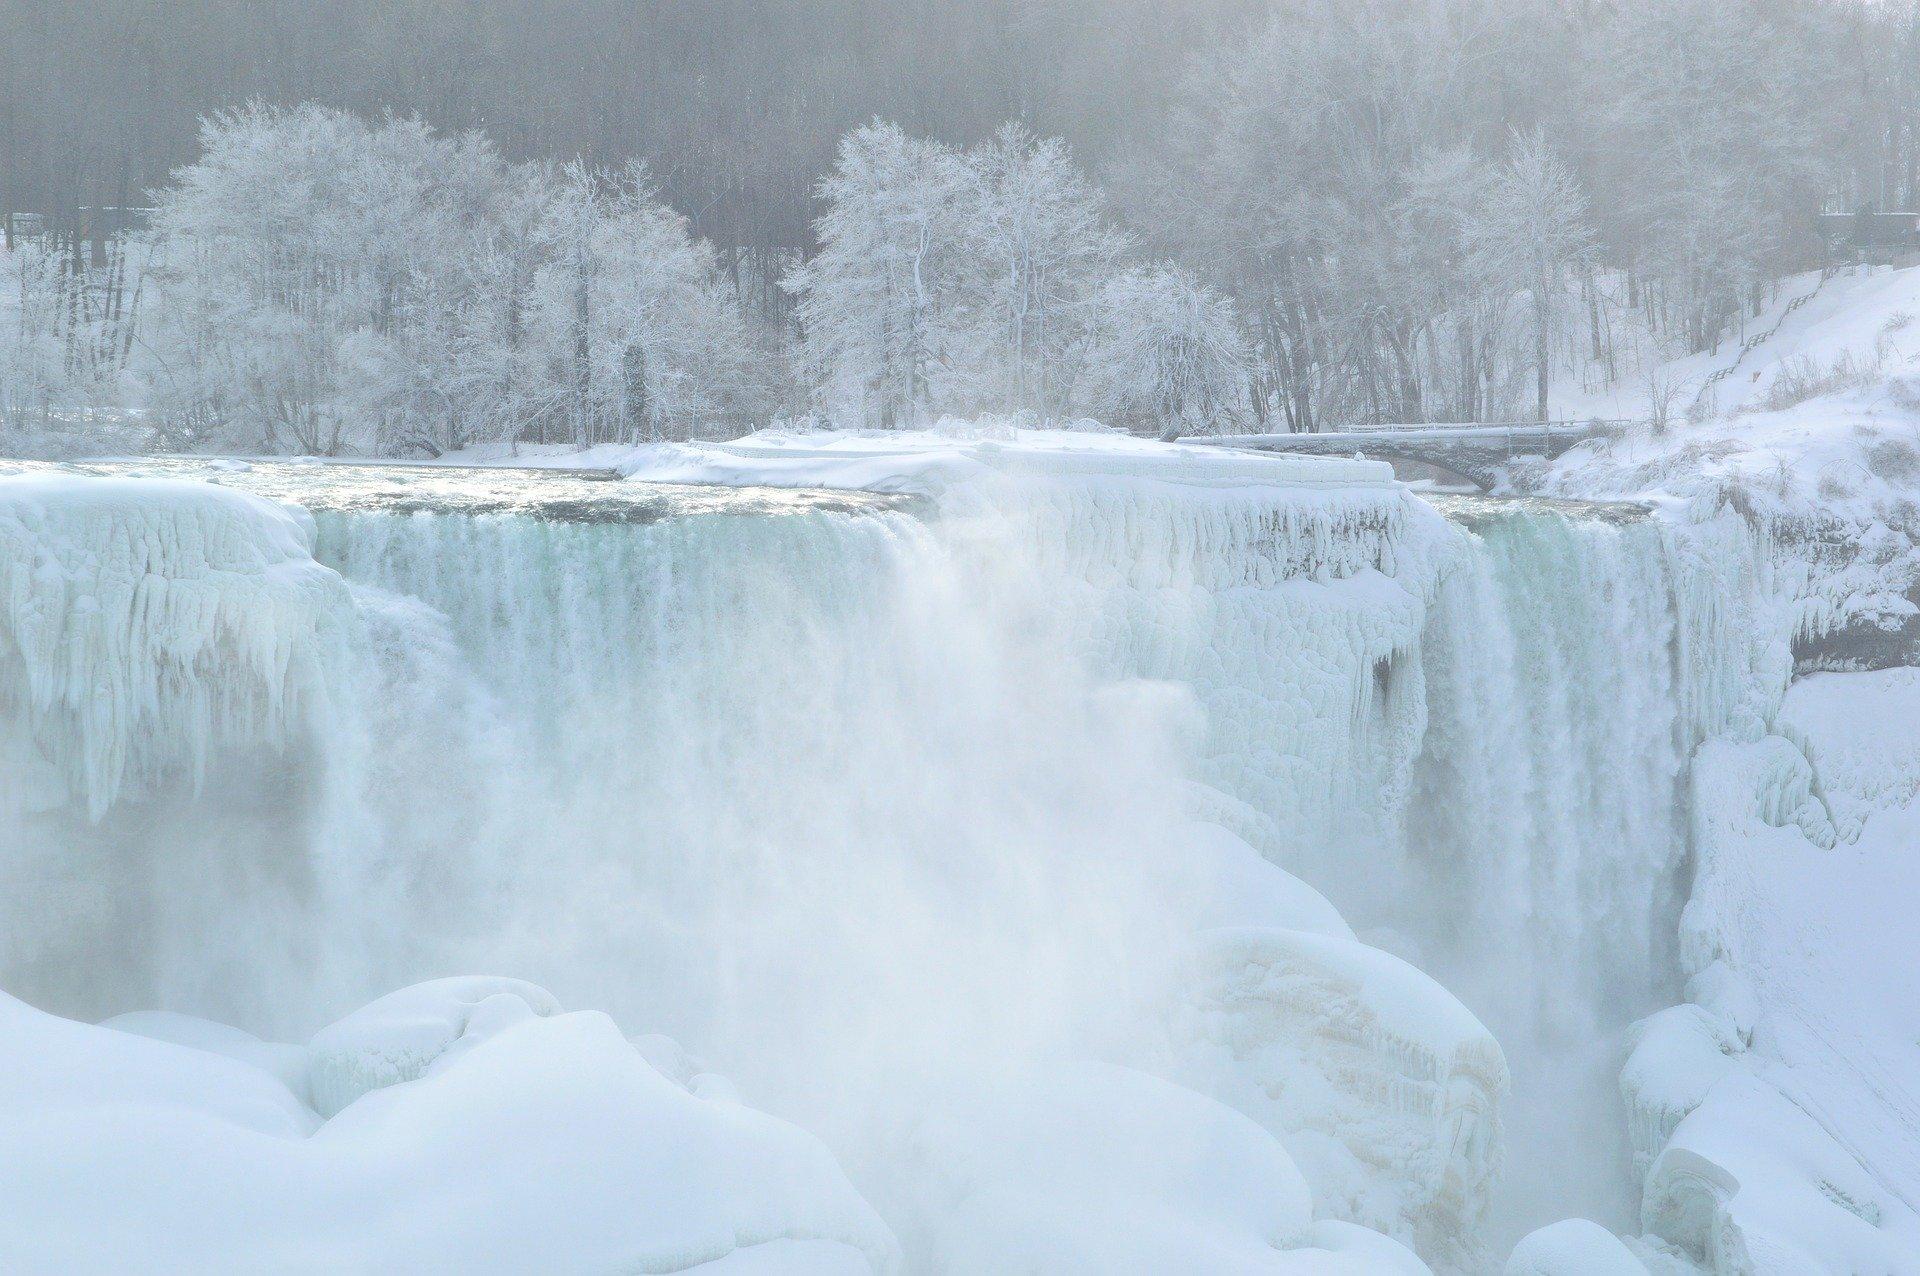 american-falls-261407_1920